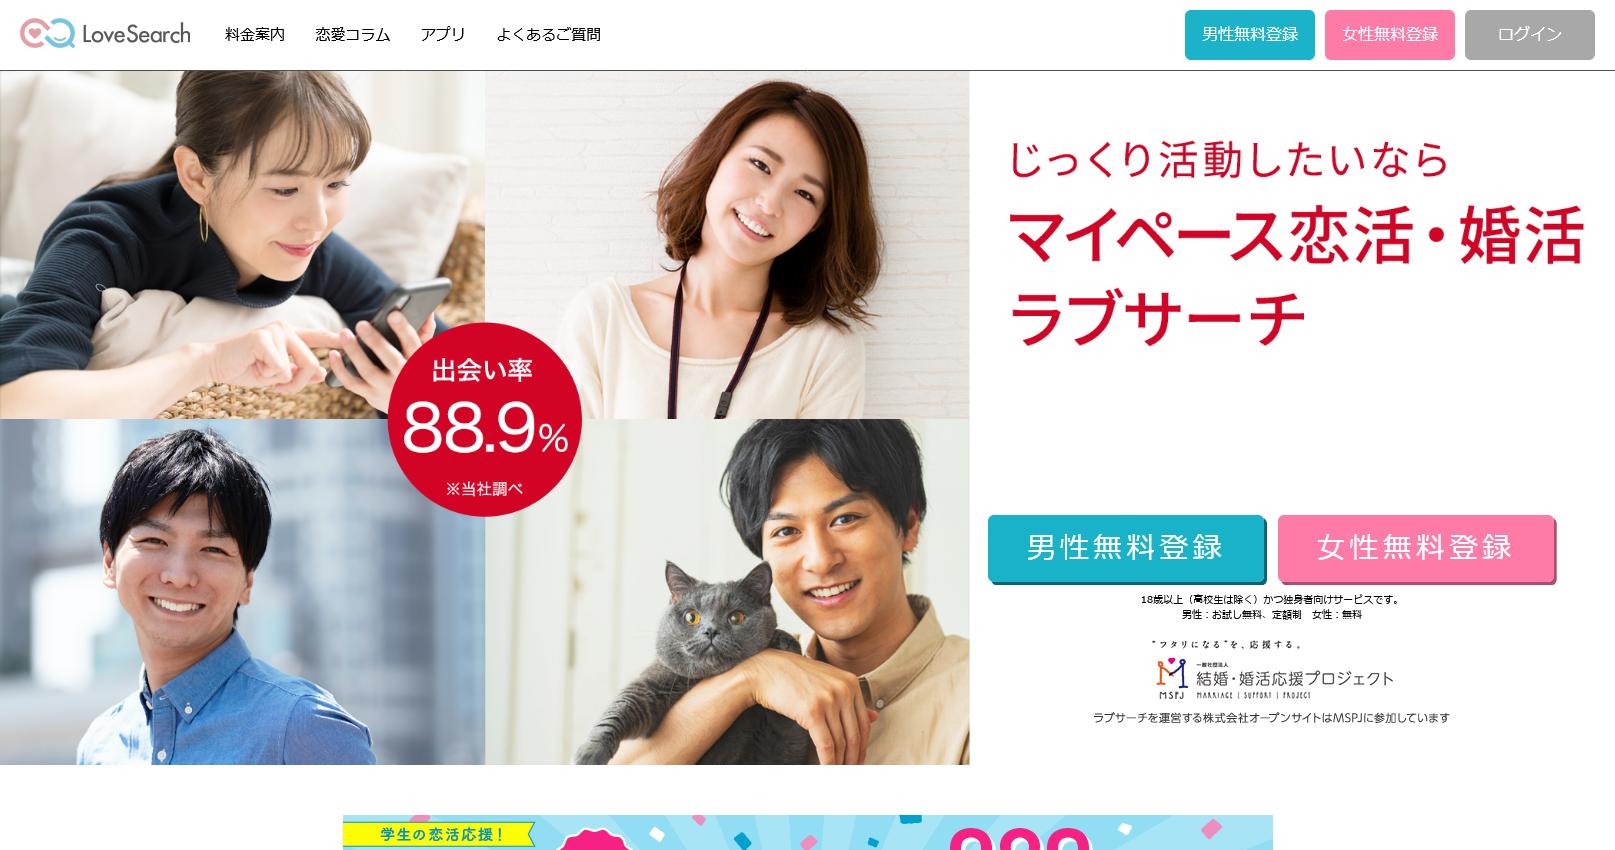 ラブサーチ(LoveSearch)|恋活・婚活マッチングサービス